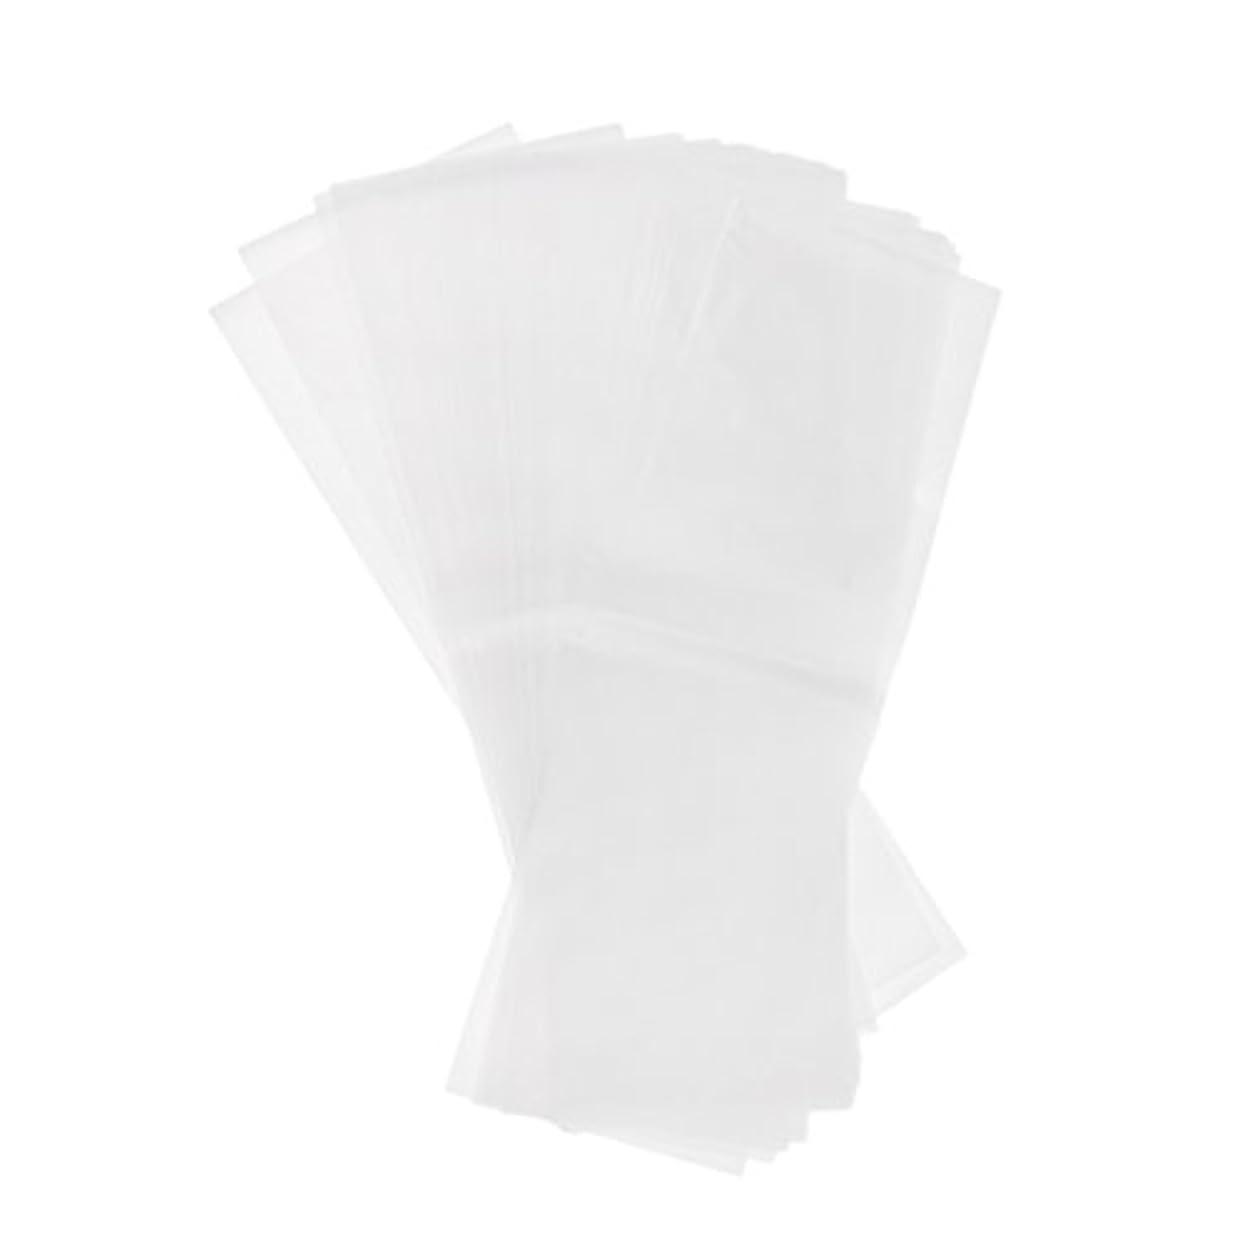 エゴイズム松病約100個 毛染め サロン プラスチック 染毛紙 色のハイライト 分離シート 再利用可能